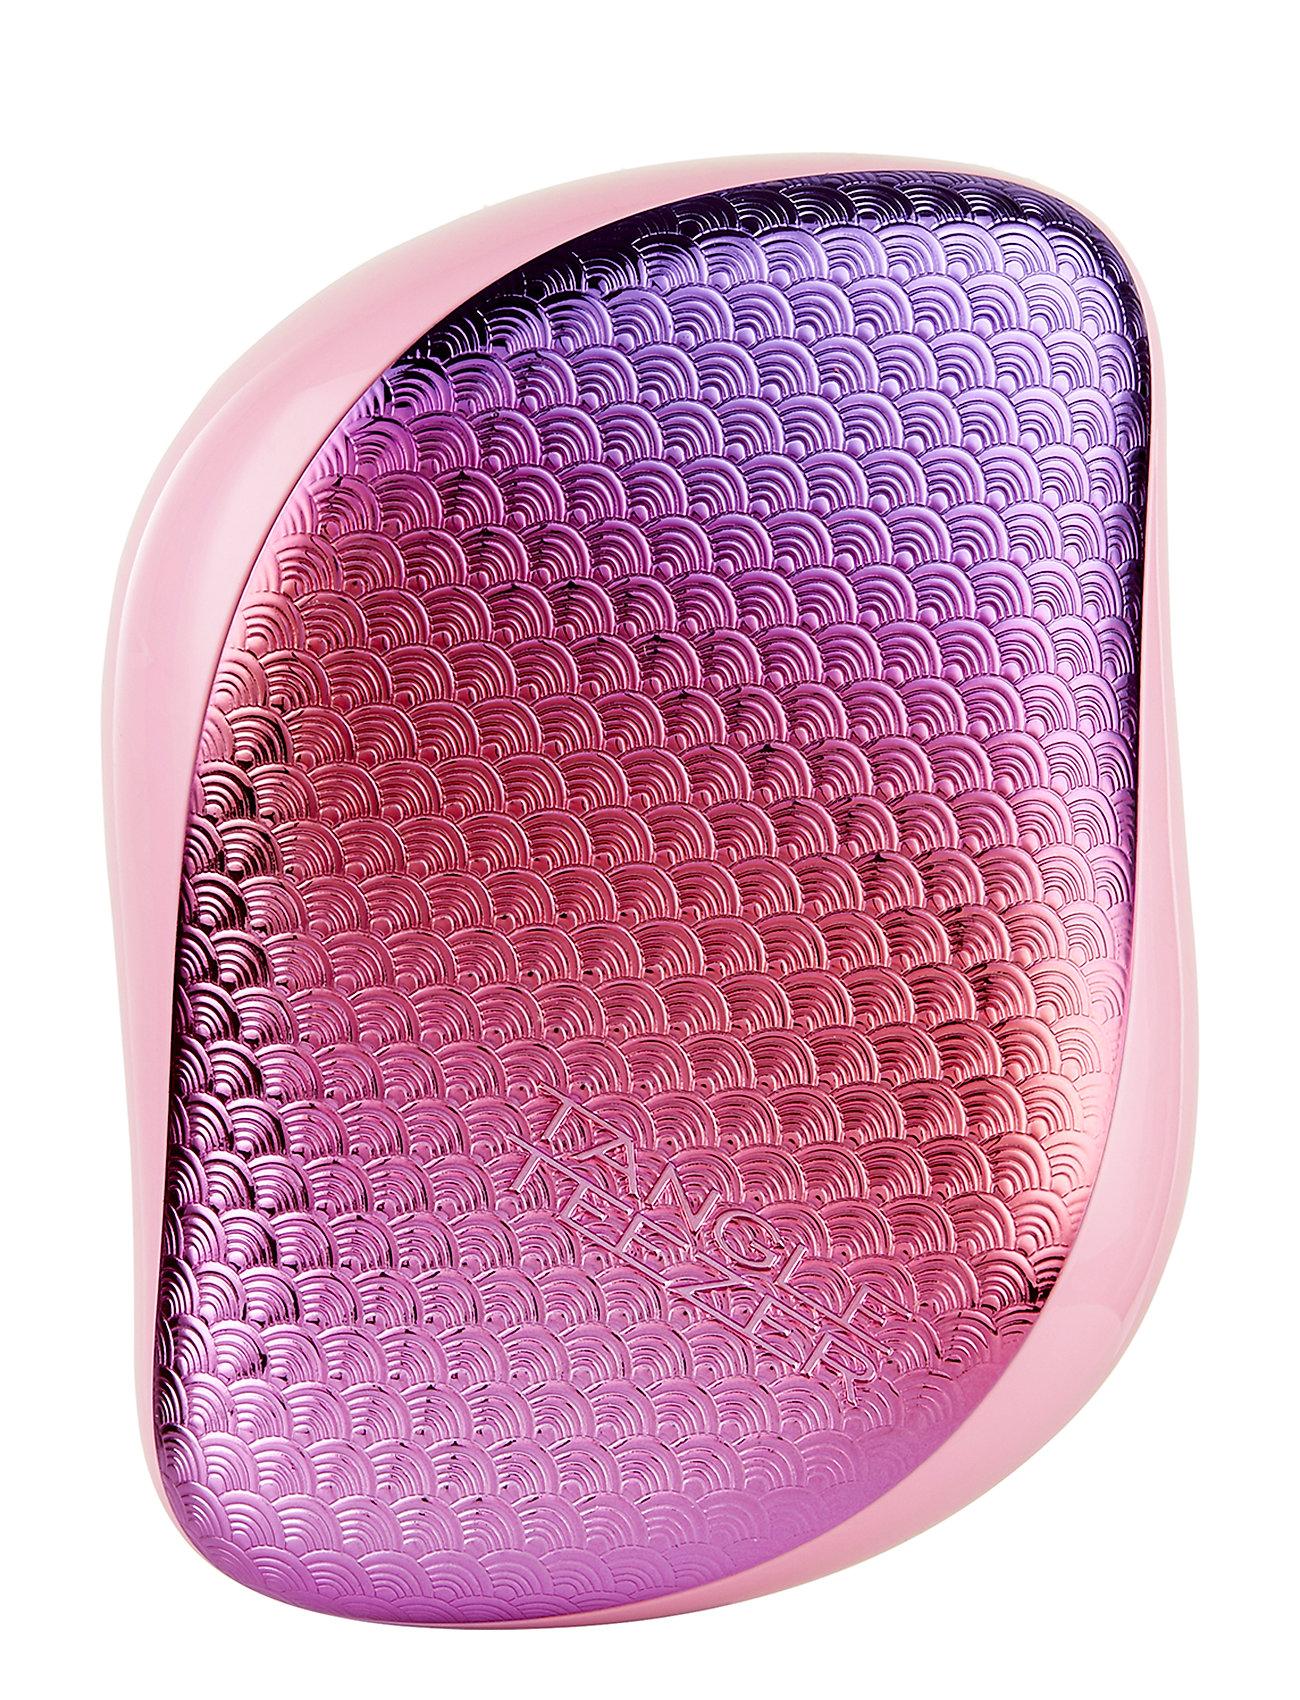 Tangle Teezer Tangle Teezer Compact Styler Sunset Pink Mermaid - NO COLOUR